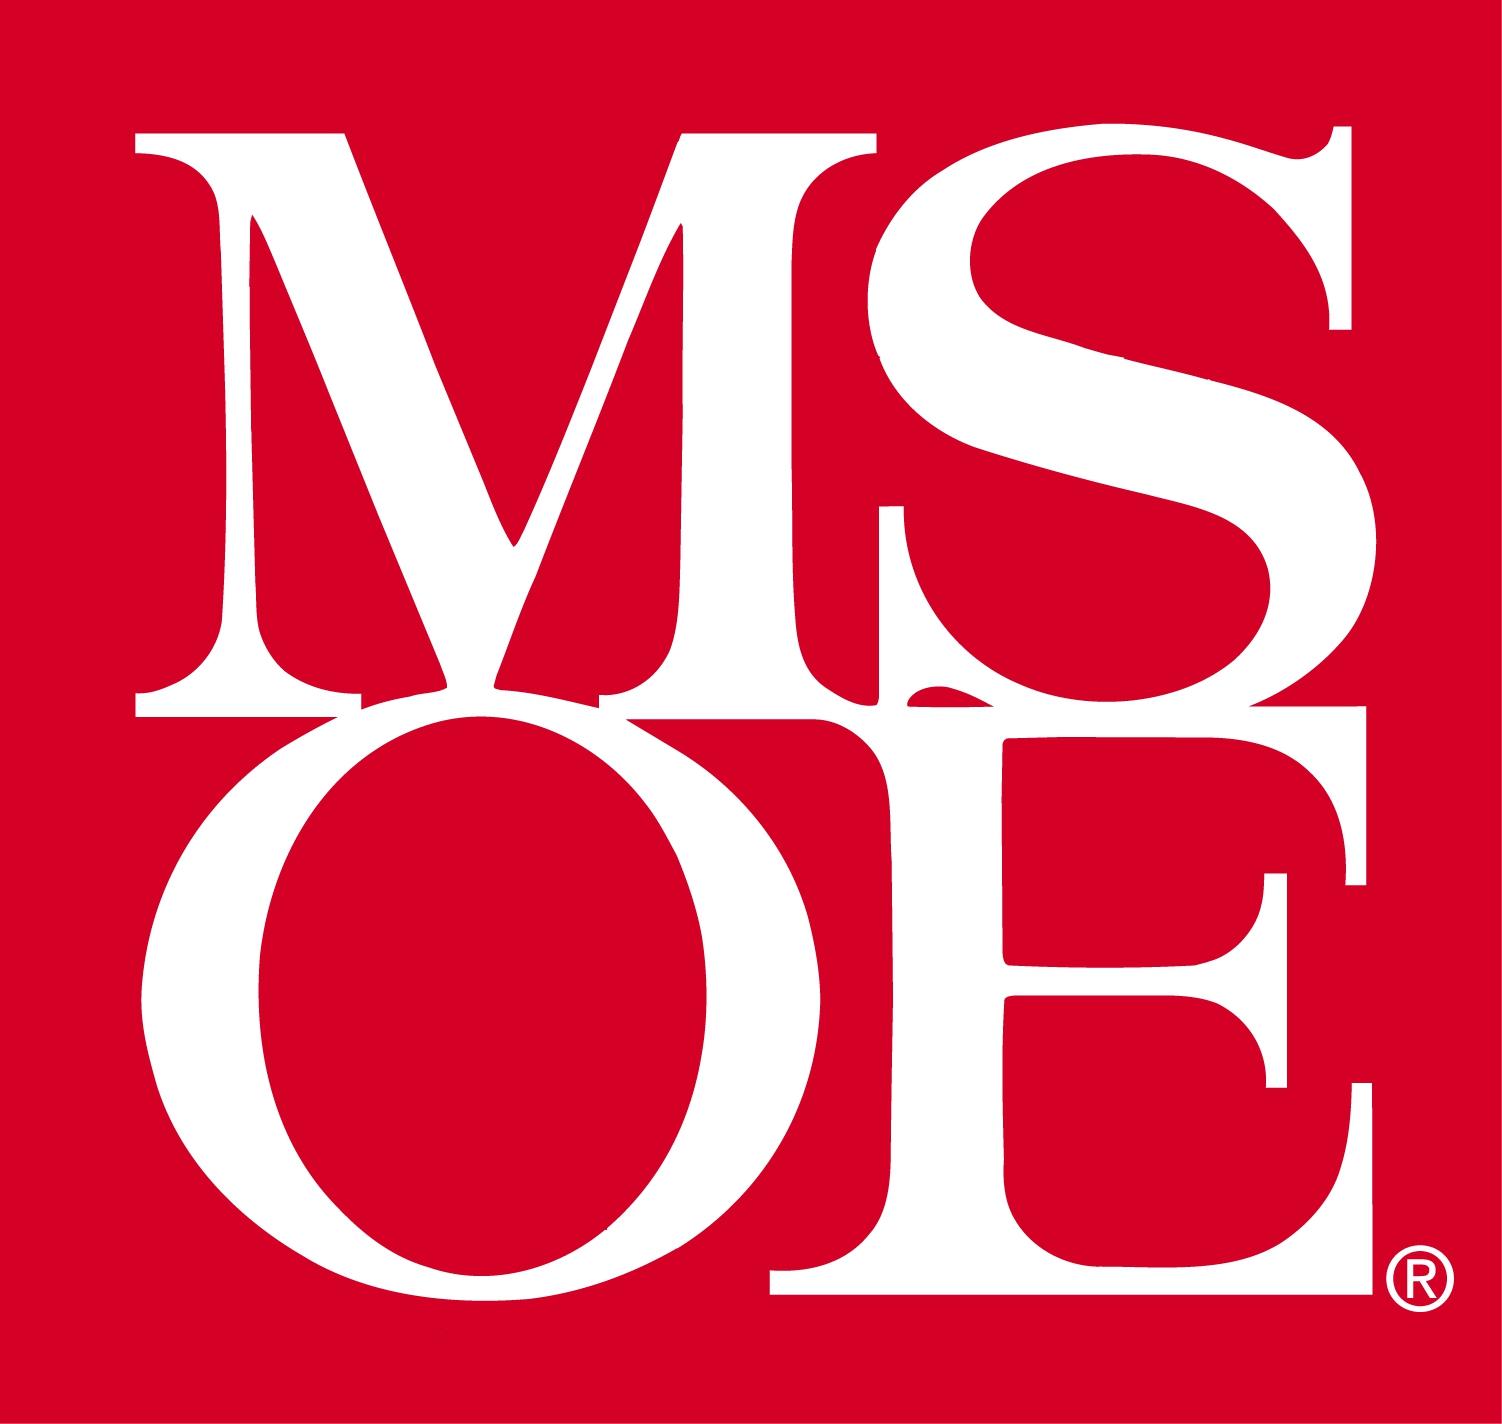 MSOE Large Red Block.jpg